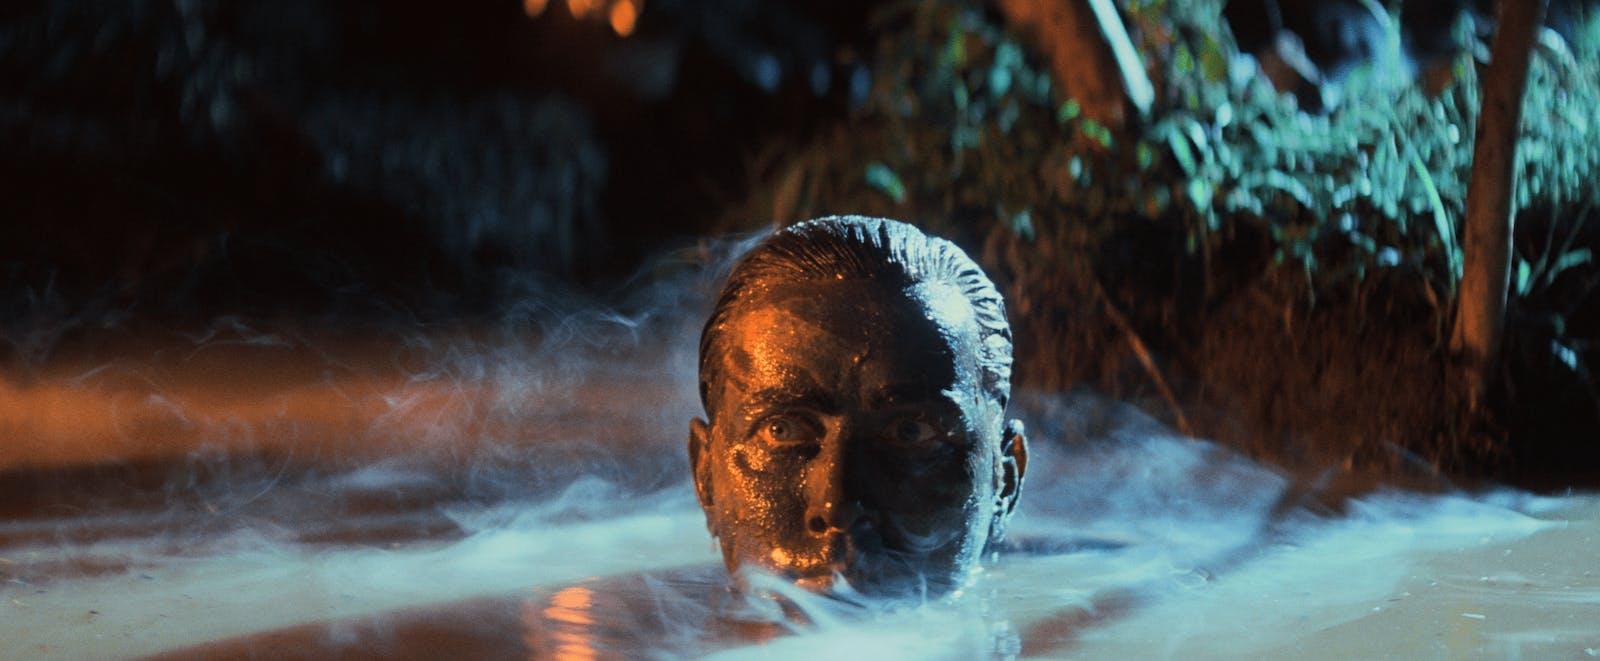 Krönika: Vilken version av Apocalypse Now är bäst?